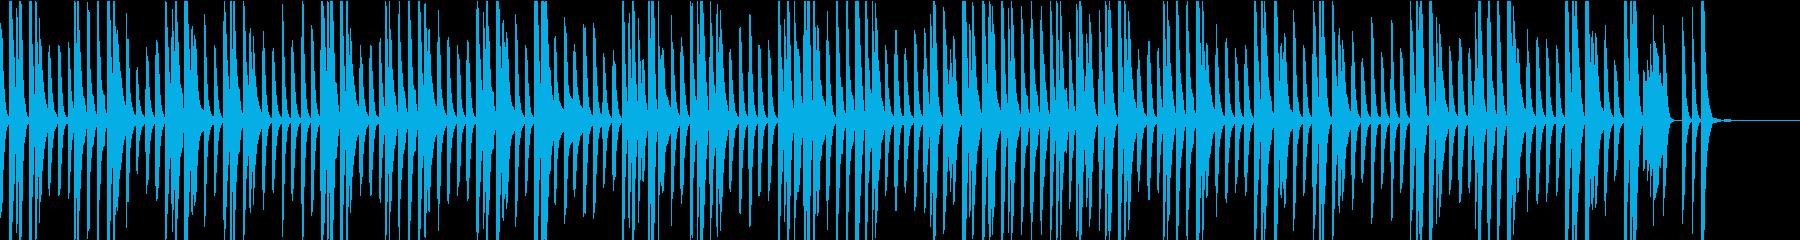 可愛らしいBGM。日常、ペット動画向けの再生済みの波形